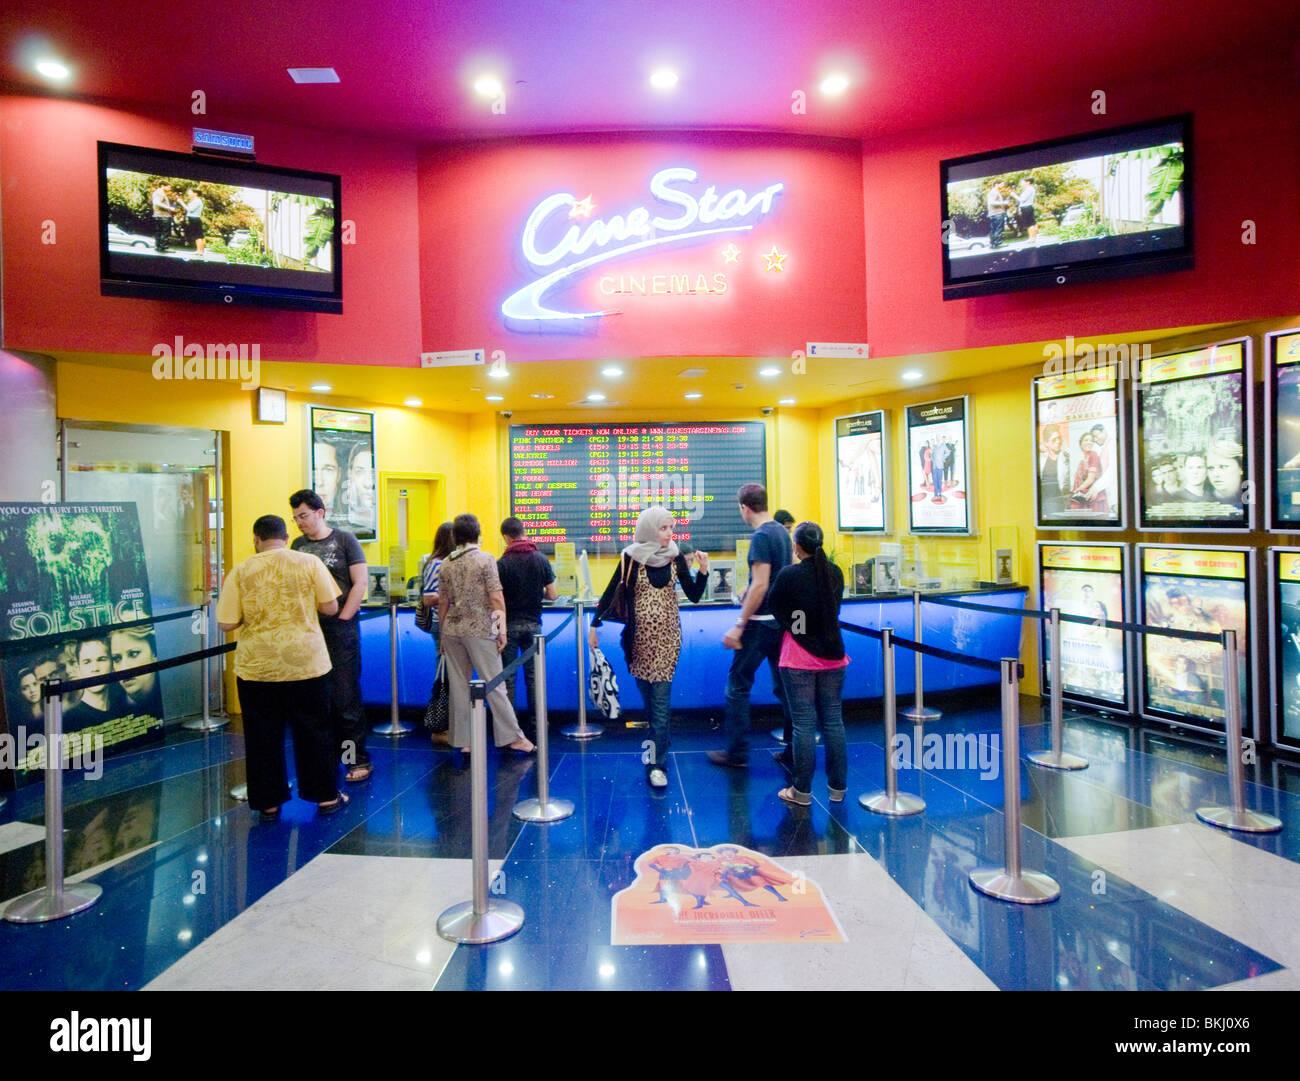 Complesso di Cinema a Dubai Immagini Stock